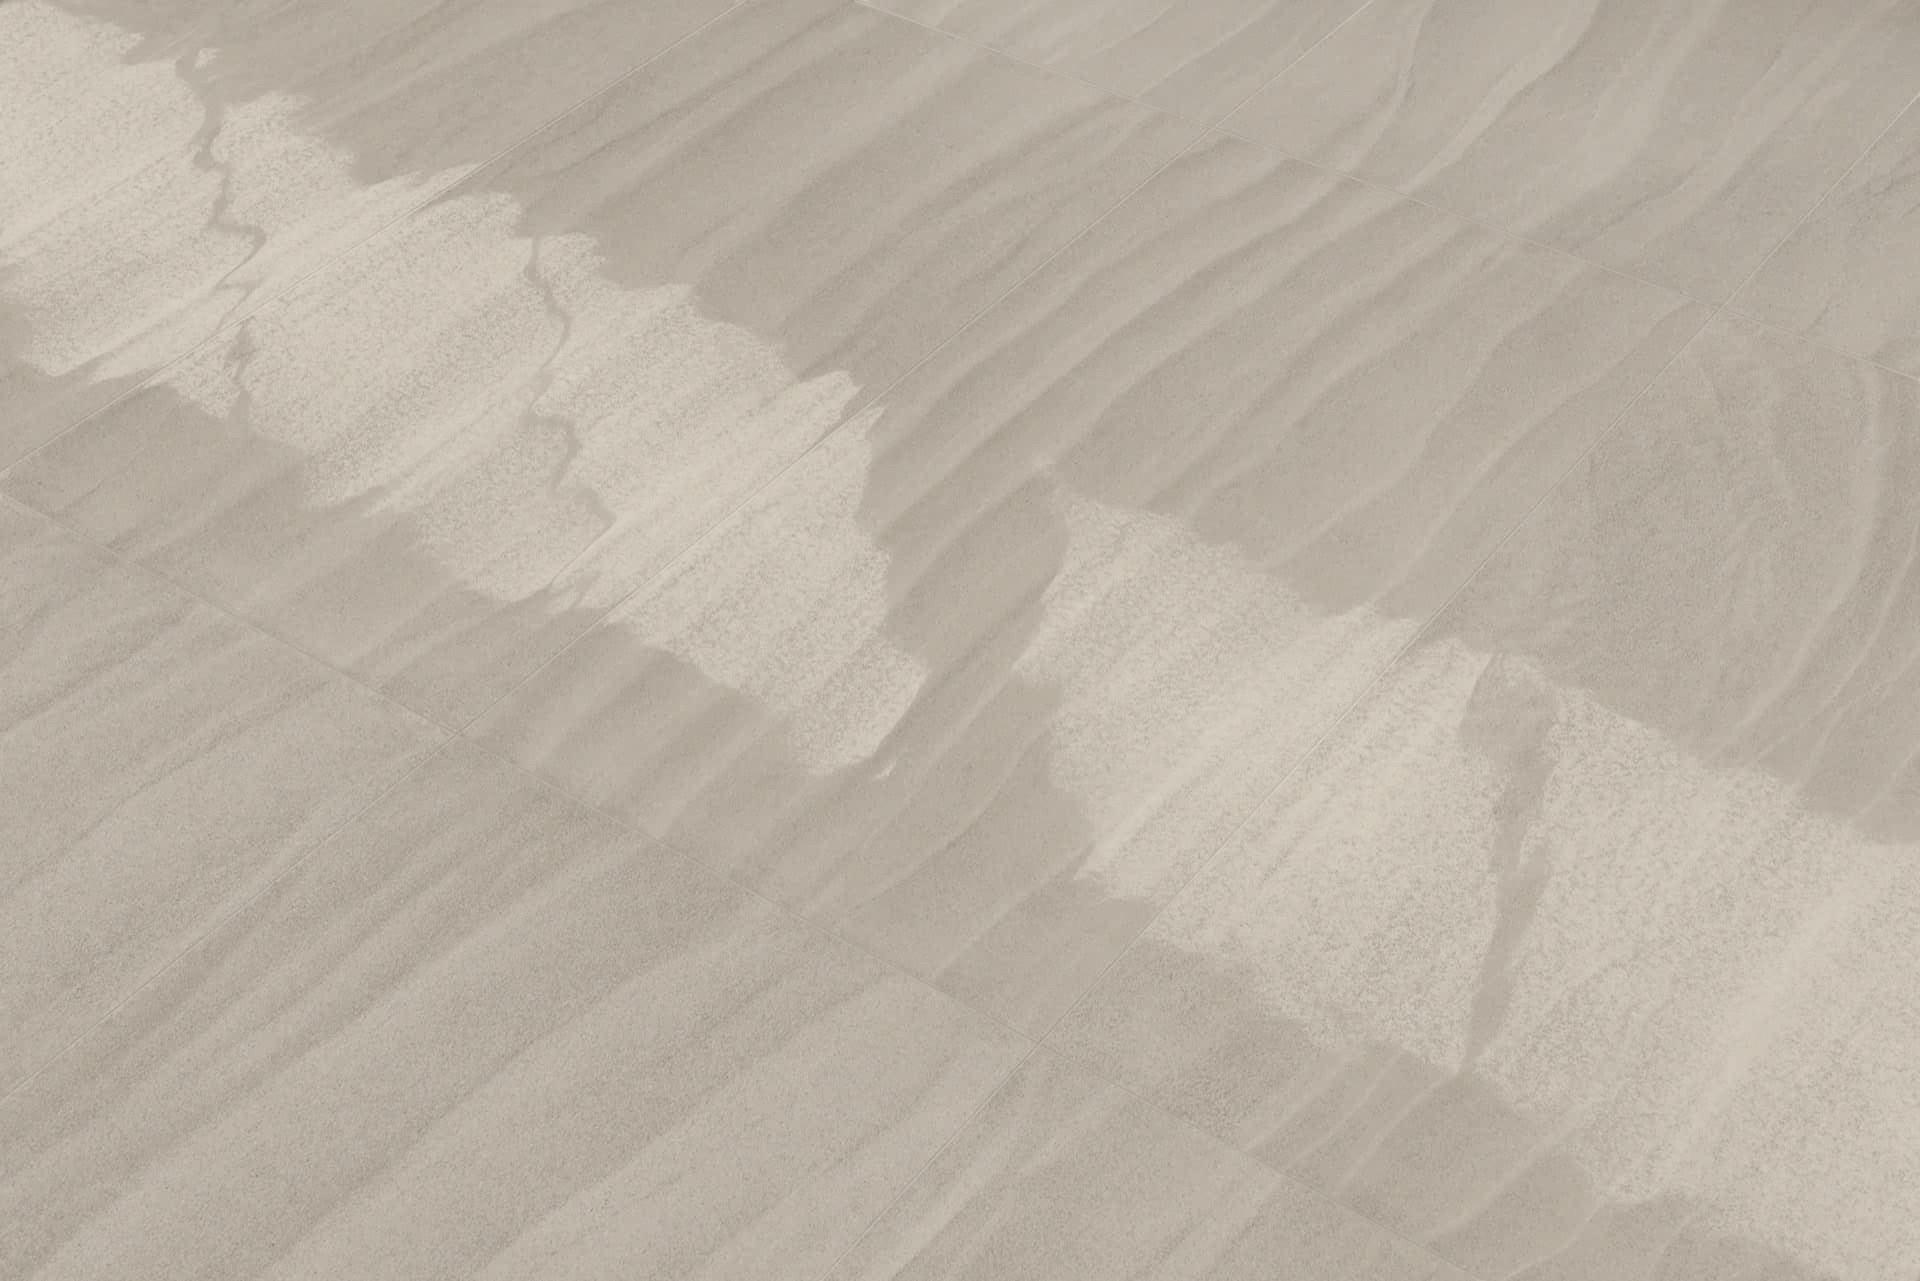 Zerodesign Sabbia Gobi Grey Lappato Pav